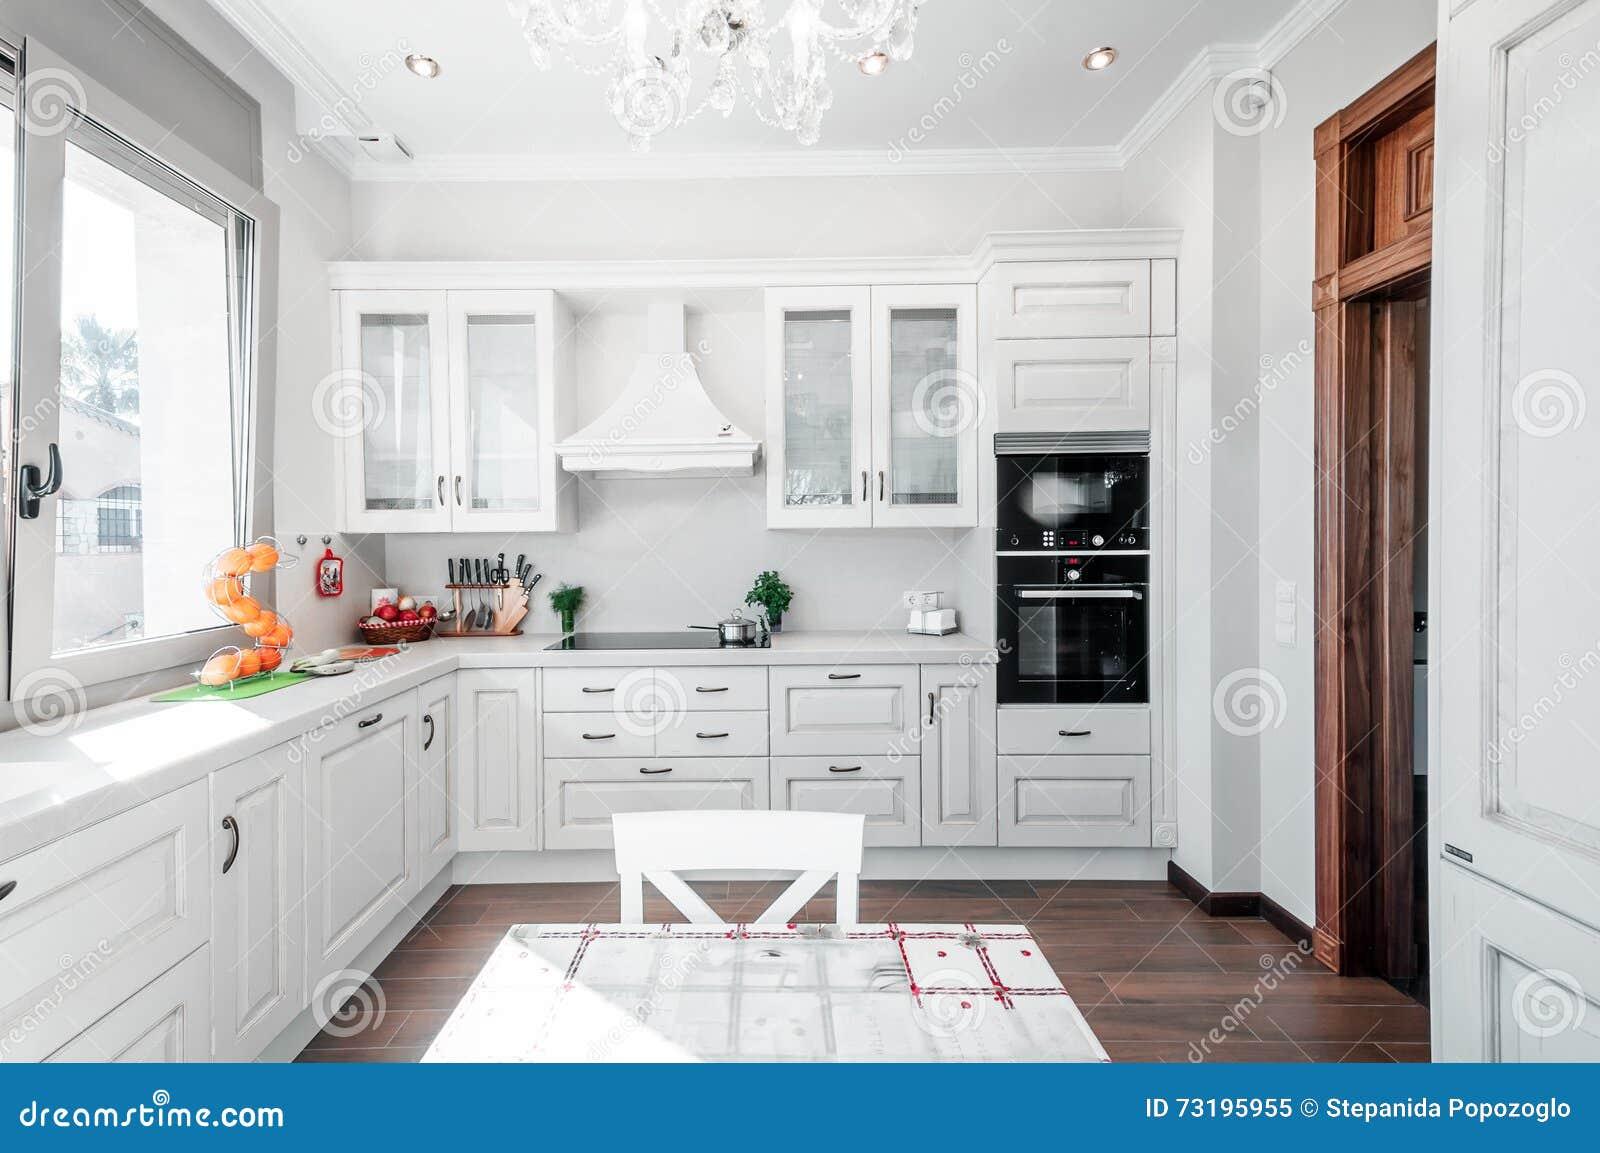 Kücheninnenraum Im Neuen Luxushaus Mit Note Von Retro ...